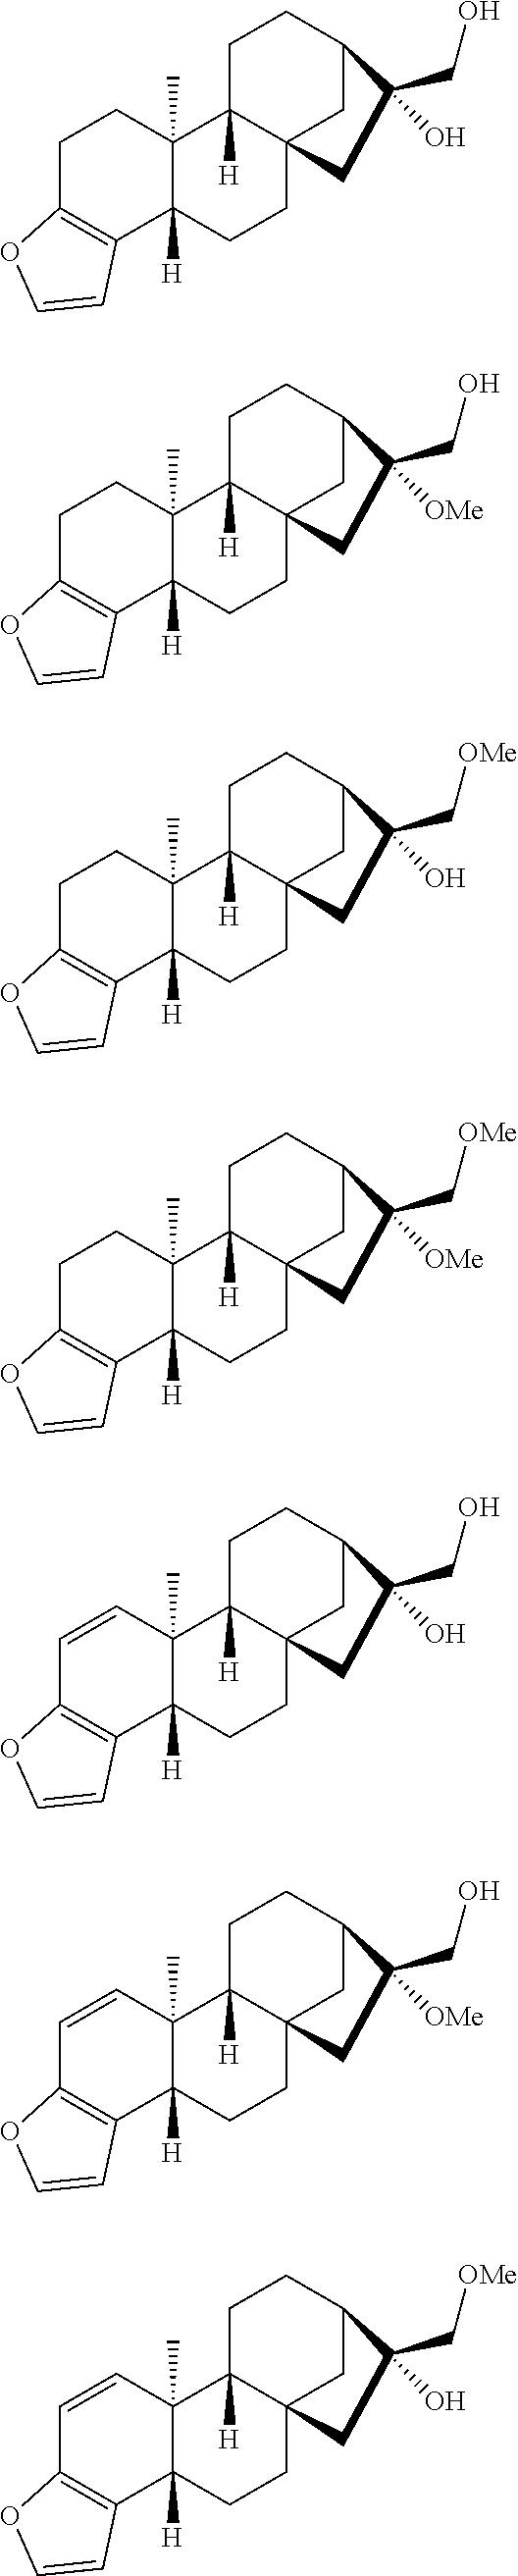 Figure US09962344-20180508-C00155